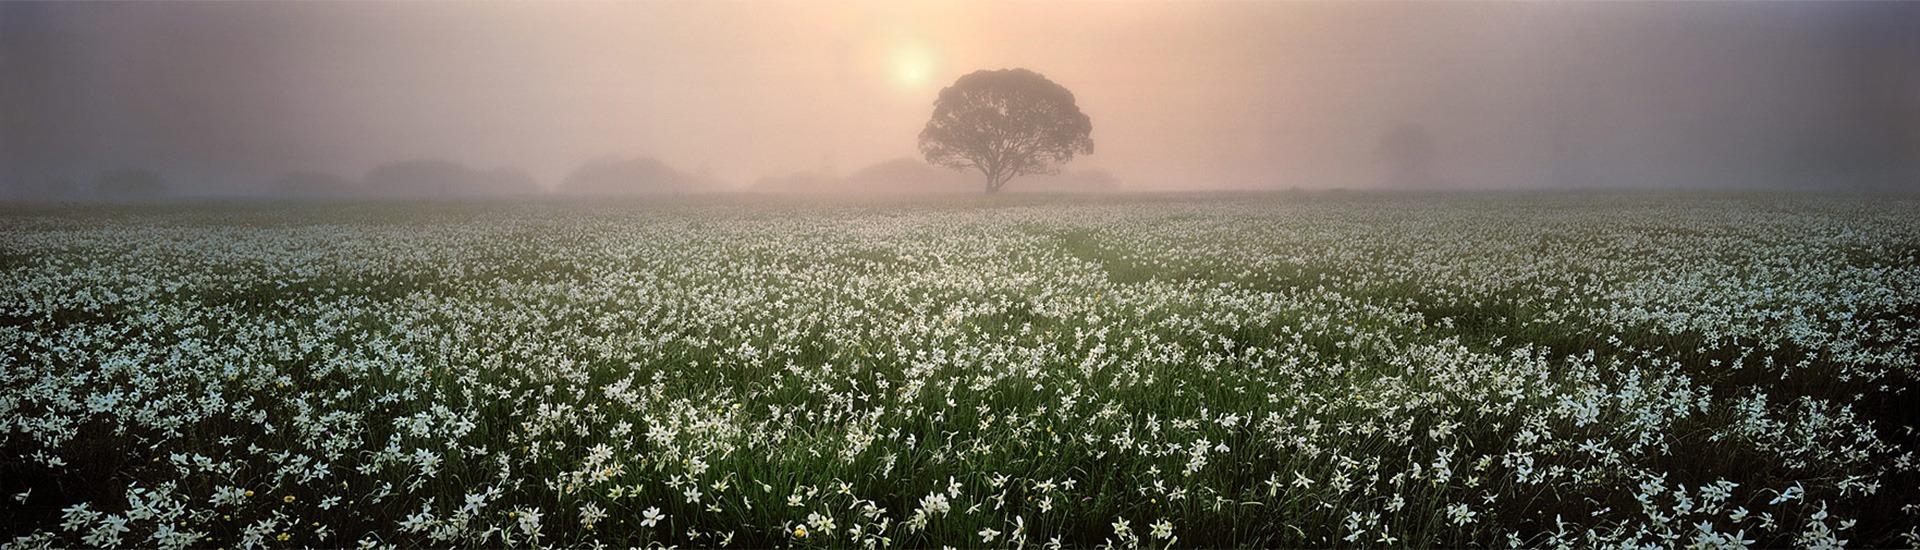 Закарпаття, Долина Нарцисів (фото: Роман Михайлюк)